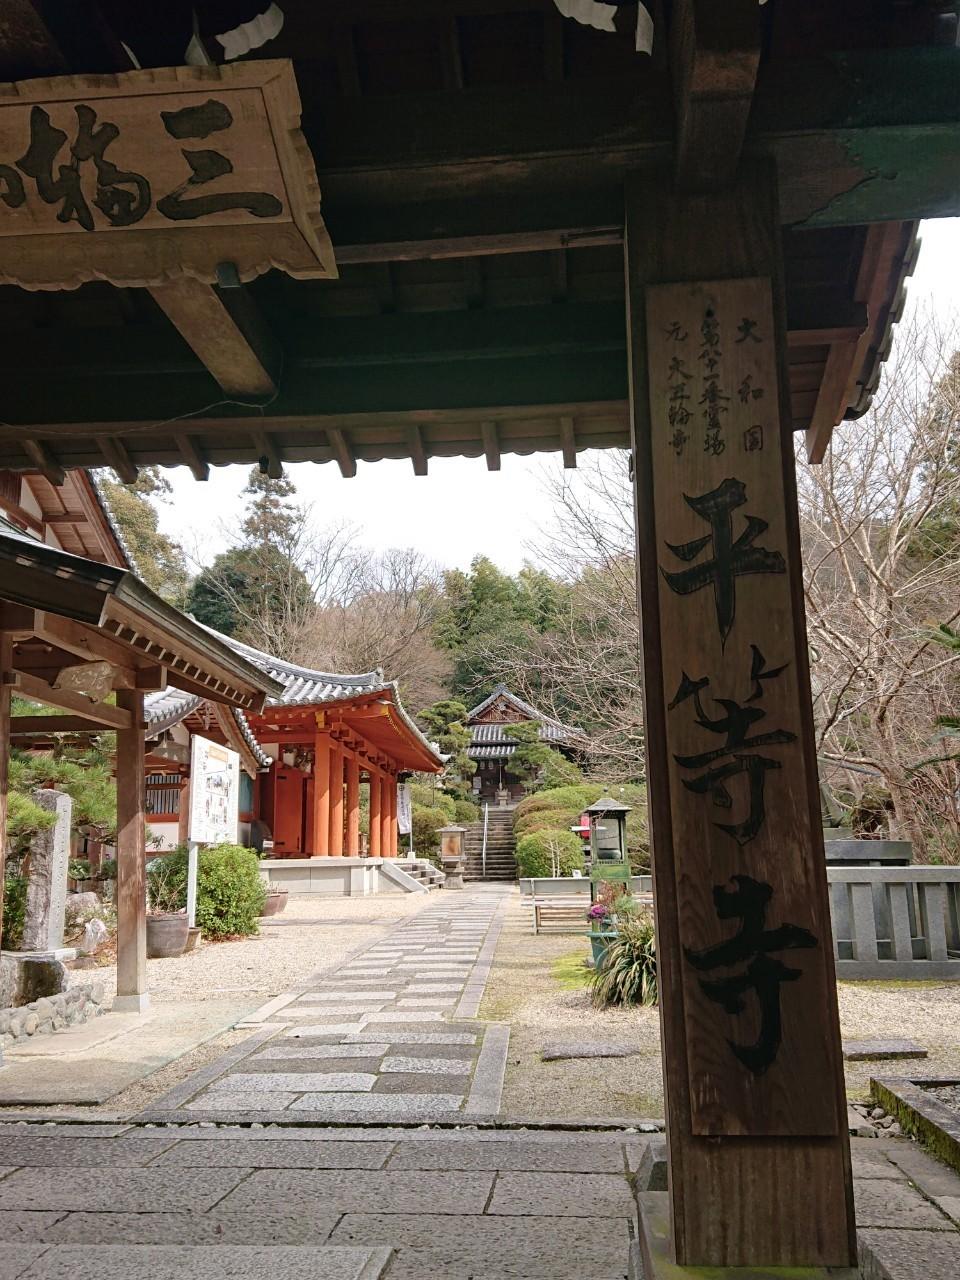 大神神社(おおみわじんじゃ)奈良県桜井市_a0122205_17125960.jpg